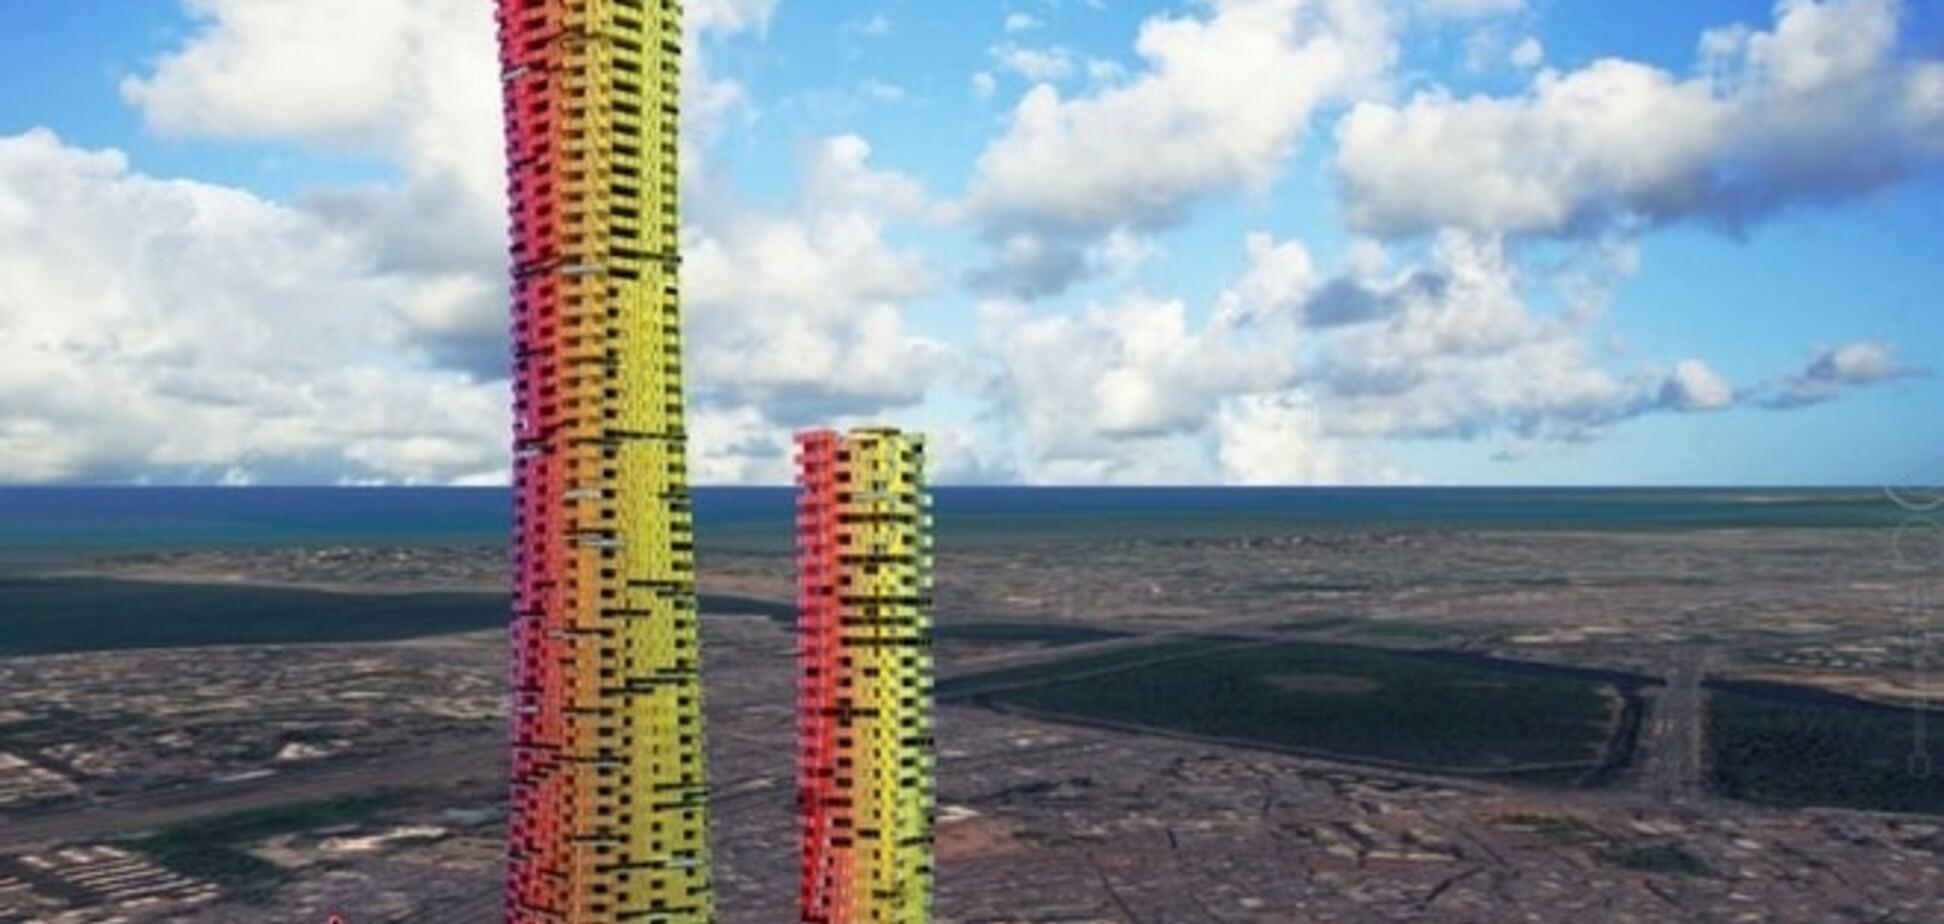 Креативу нет предела: в Индии 'разработали' небоскребы из контейнеров